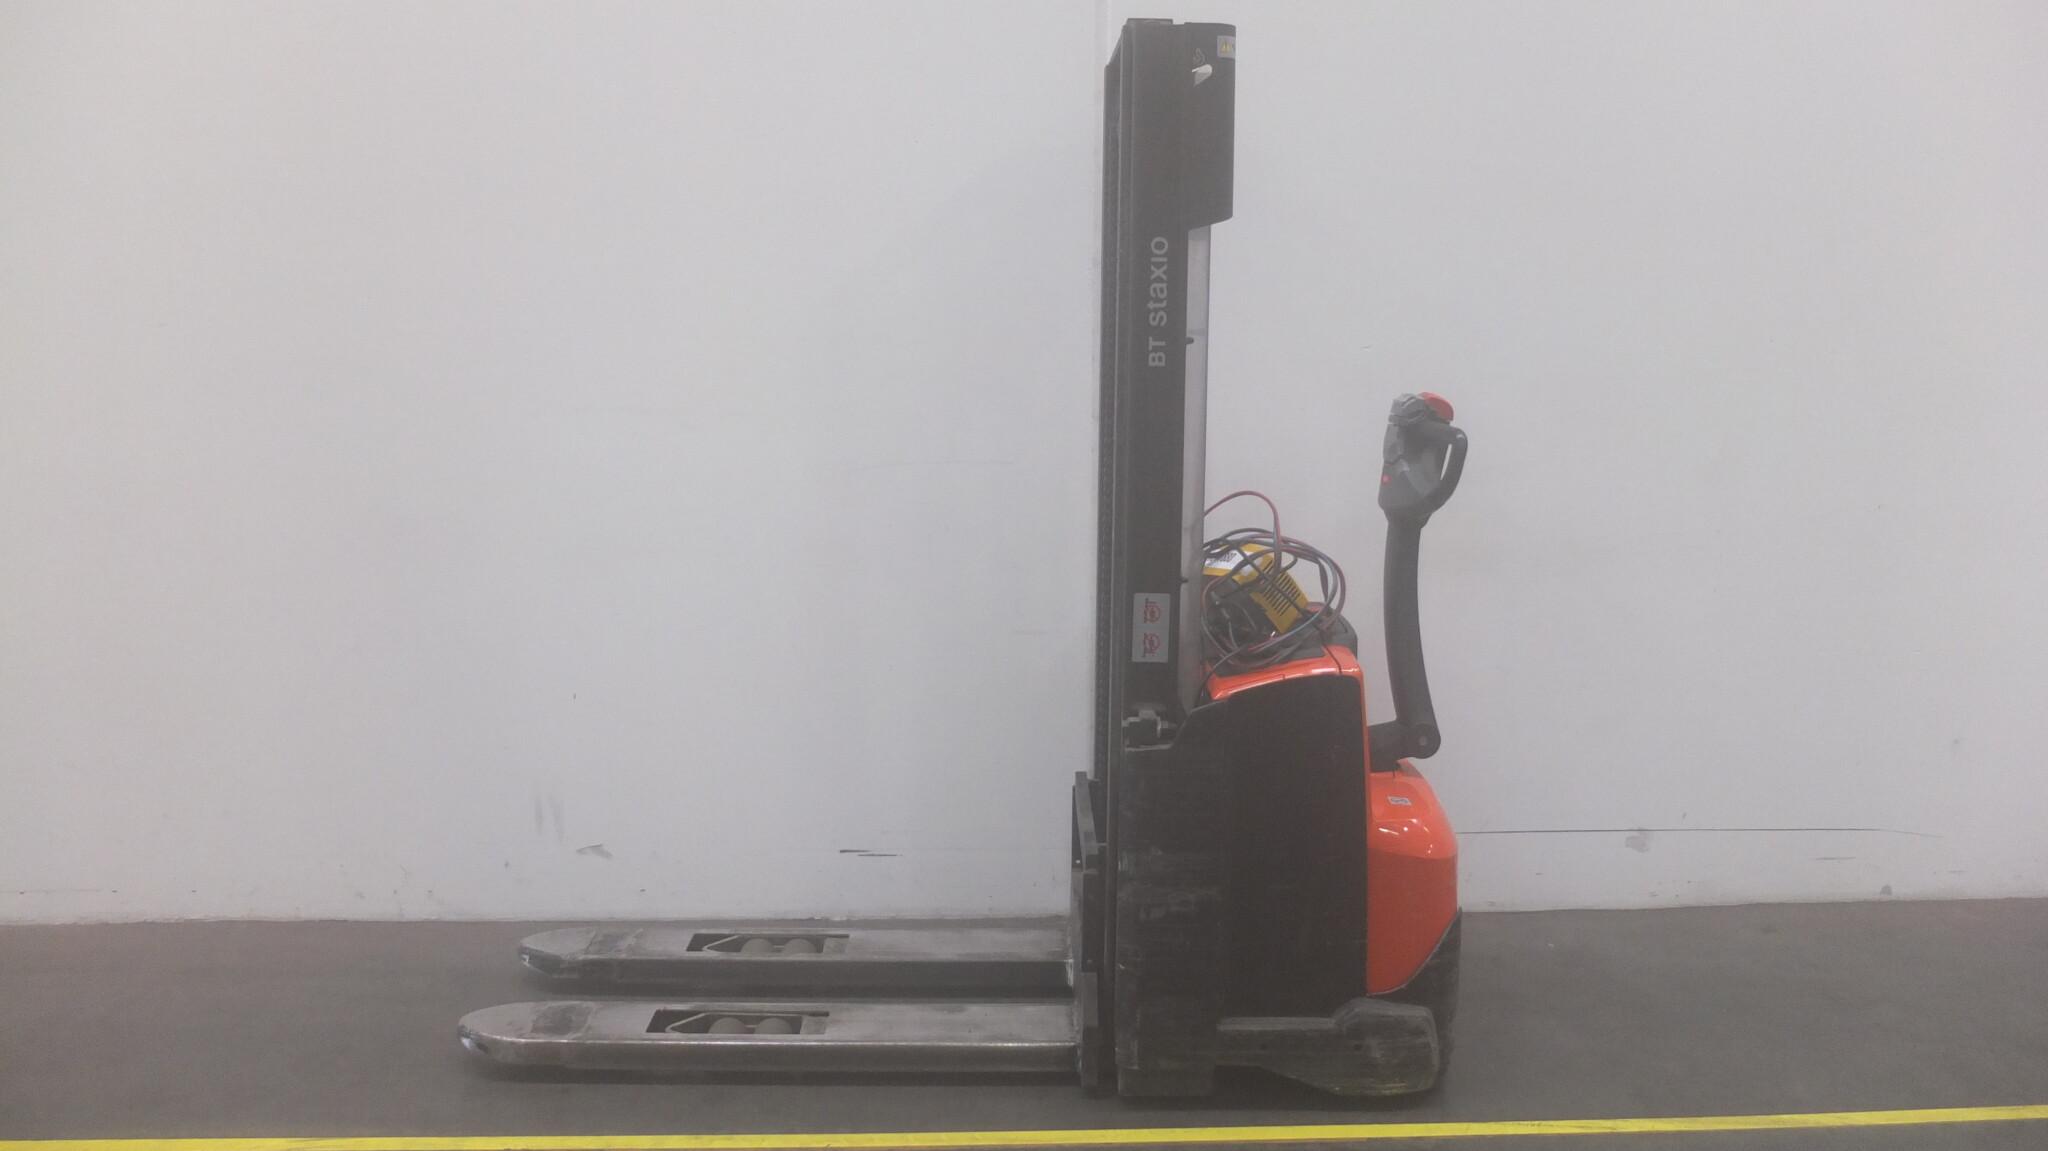 Toyota-Gabelstapler-59840 1502017465 1 scaled